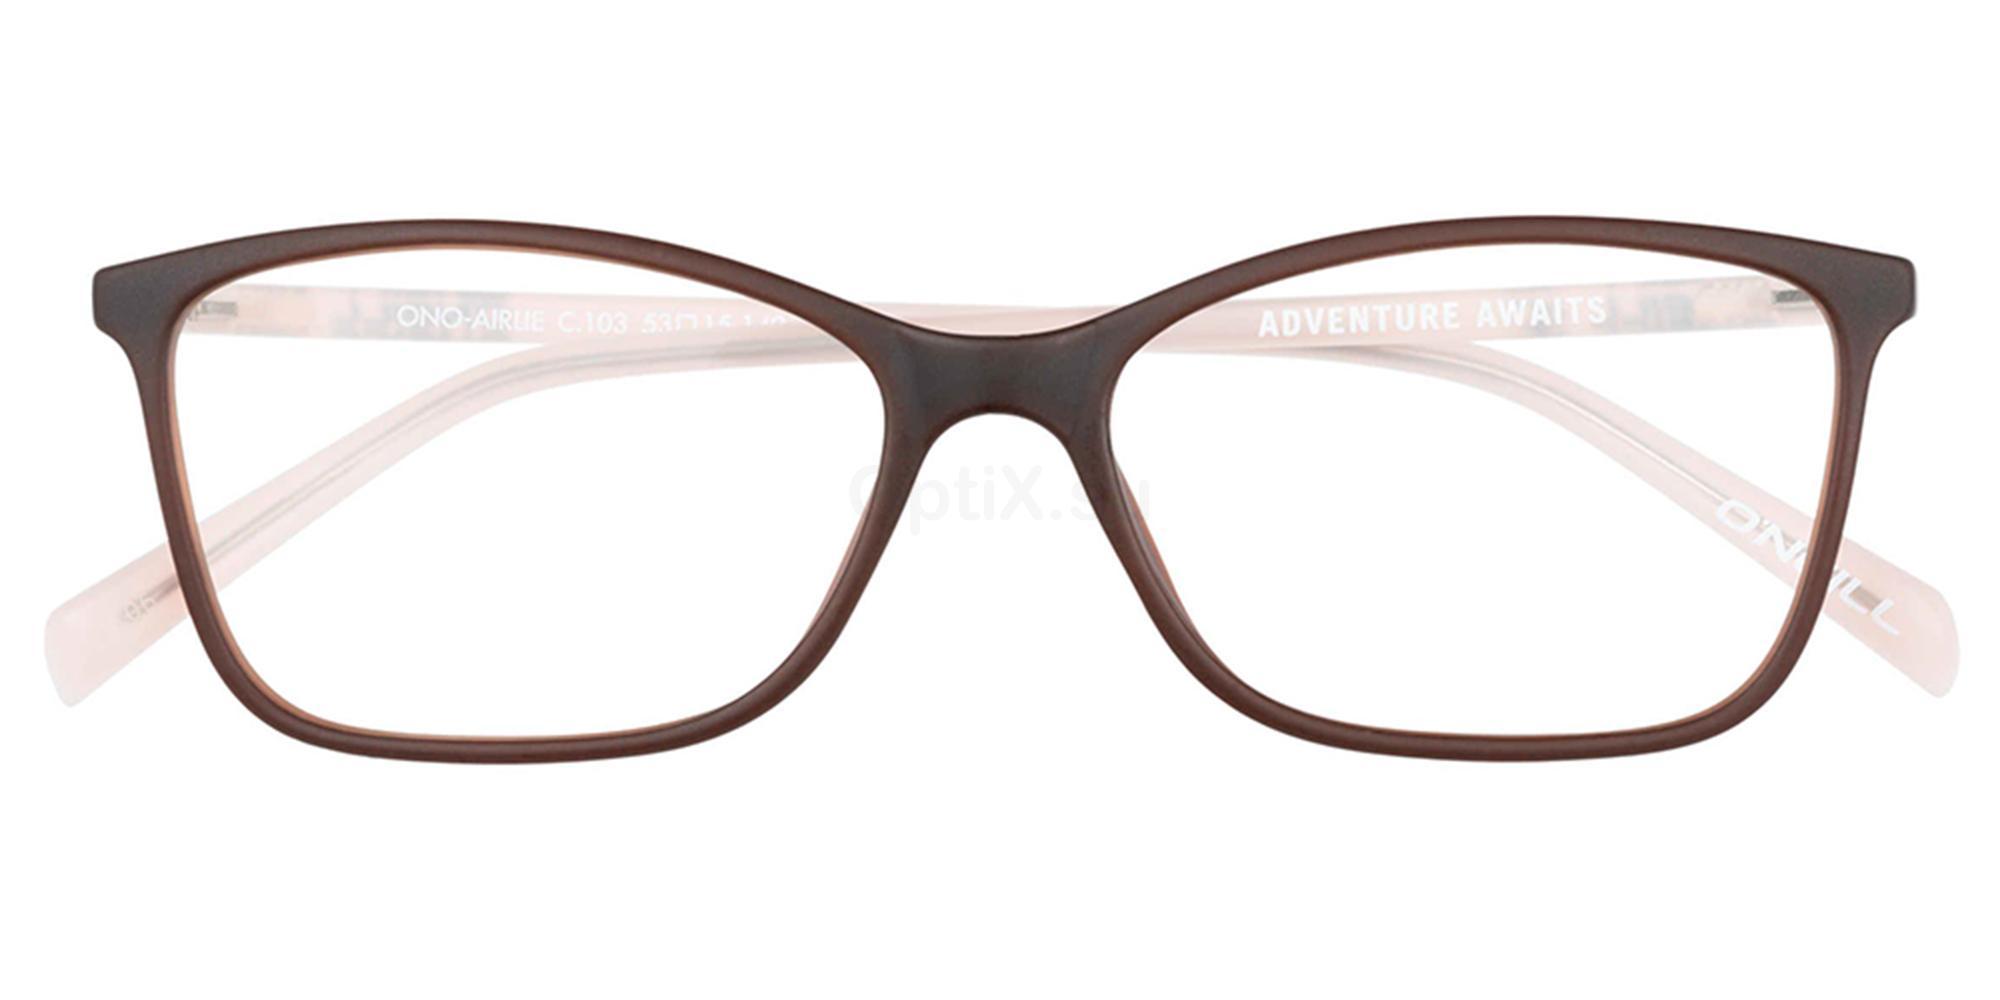 103 ONO-AIRLIE Glasses, O'Neill